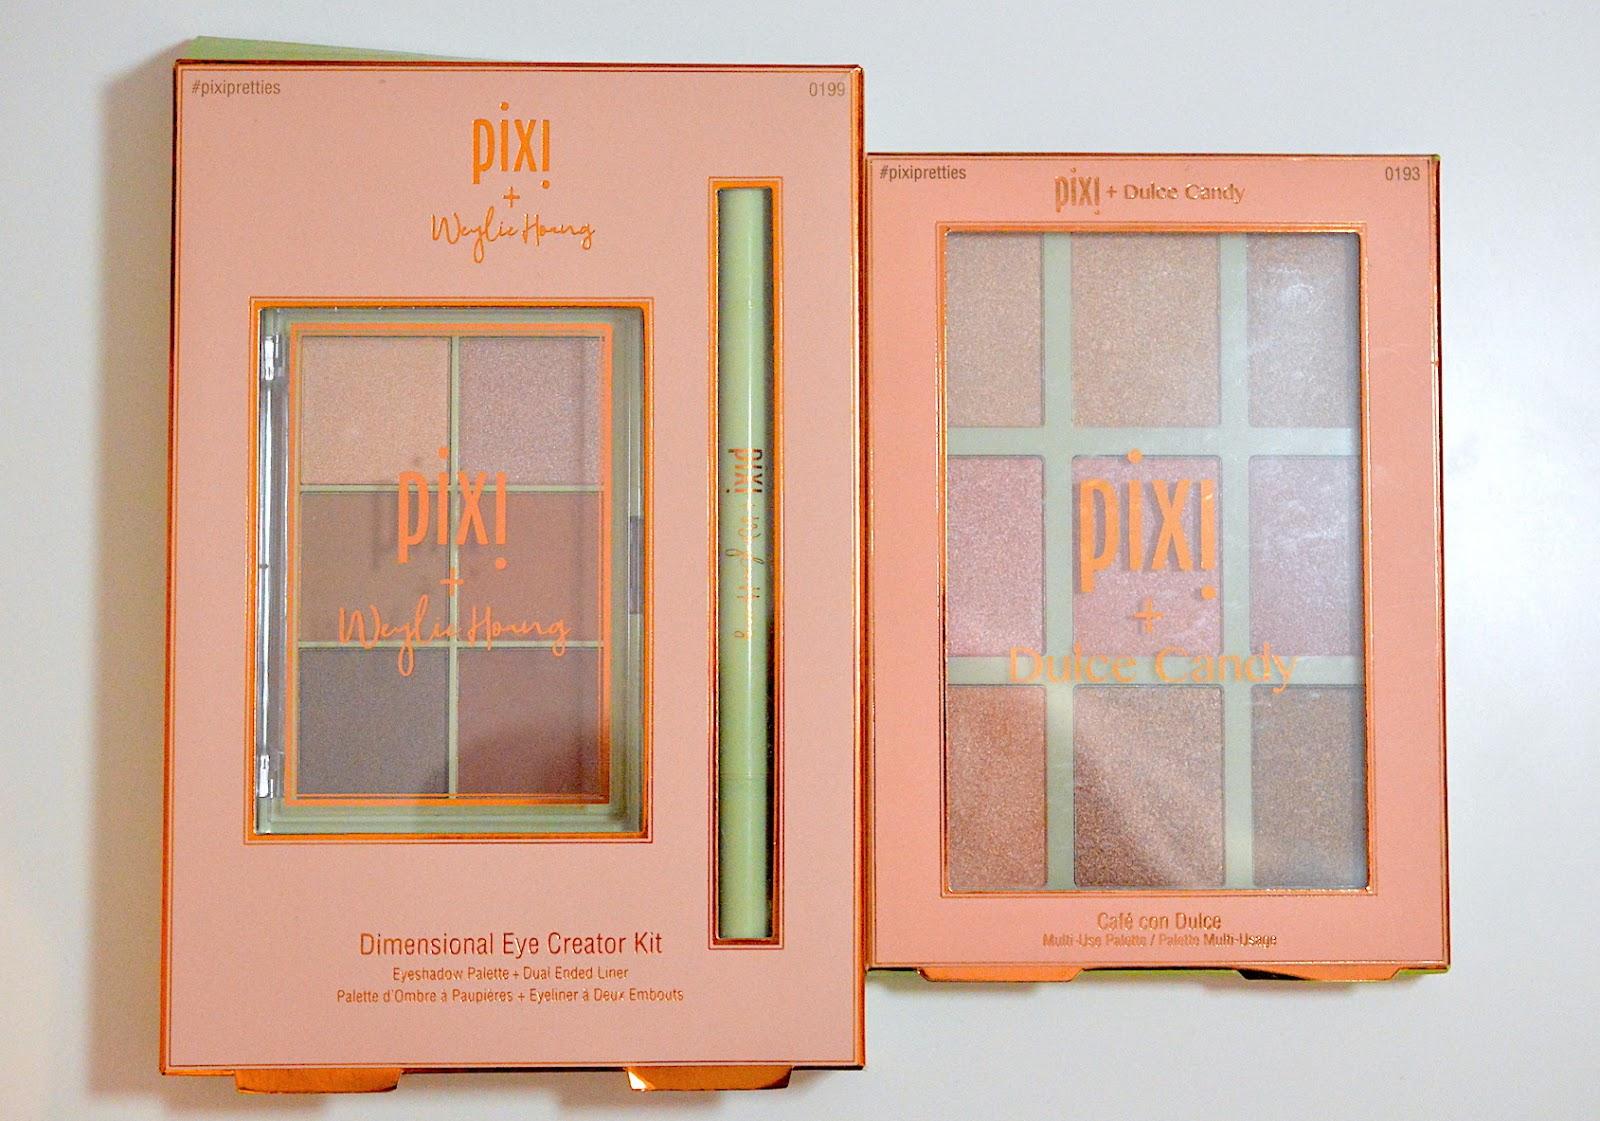 Pixi Palettes